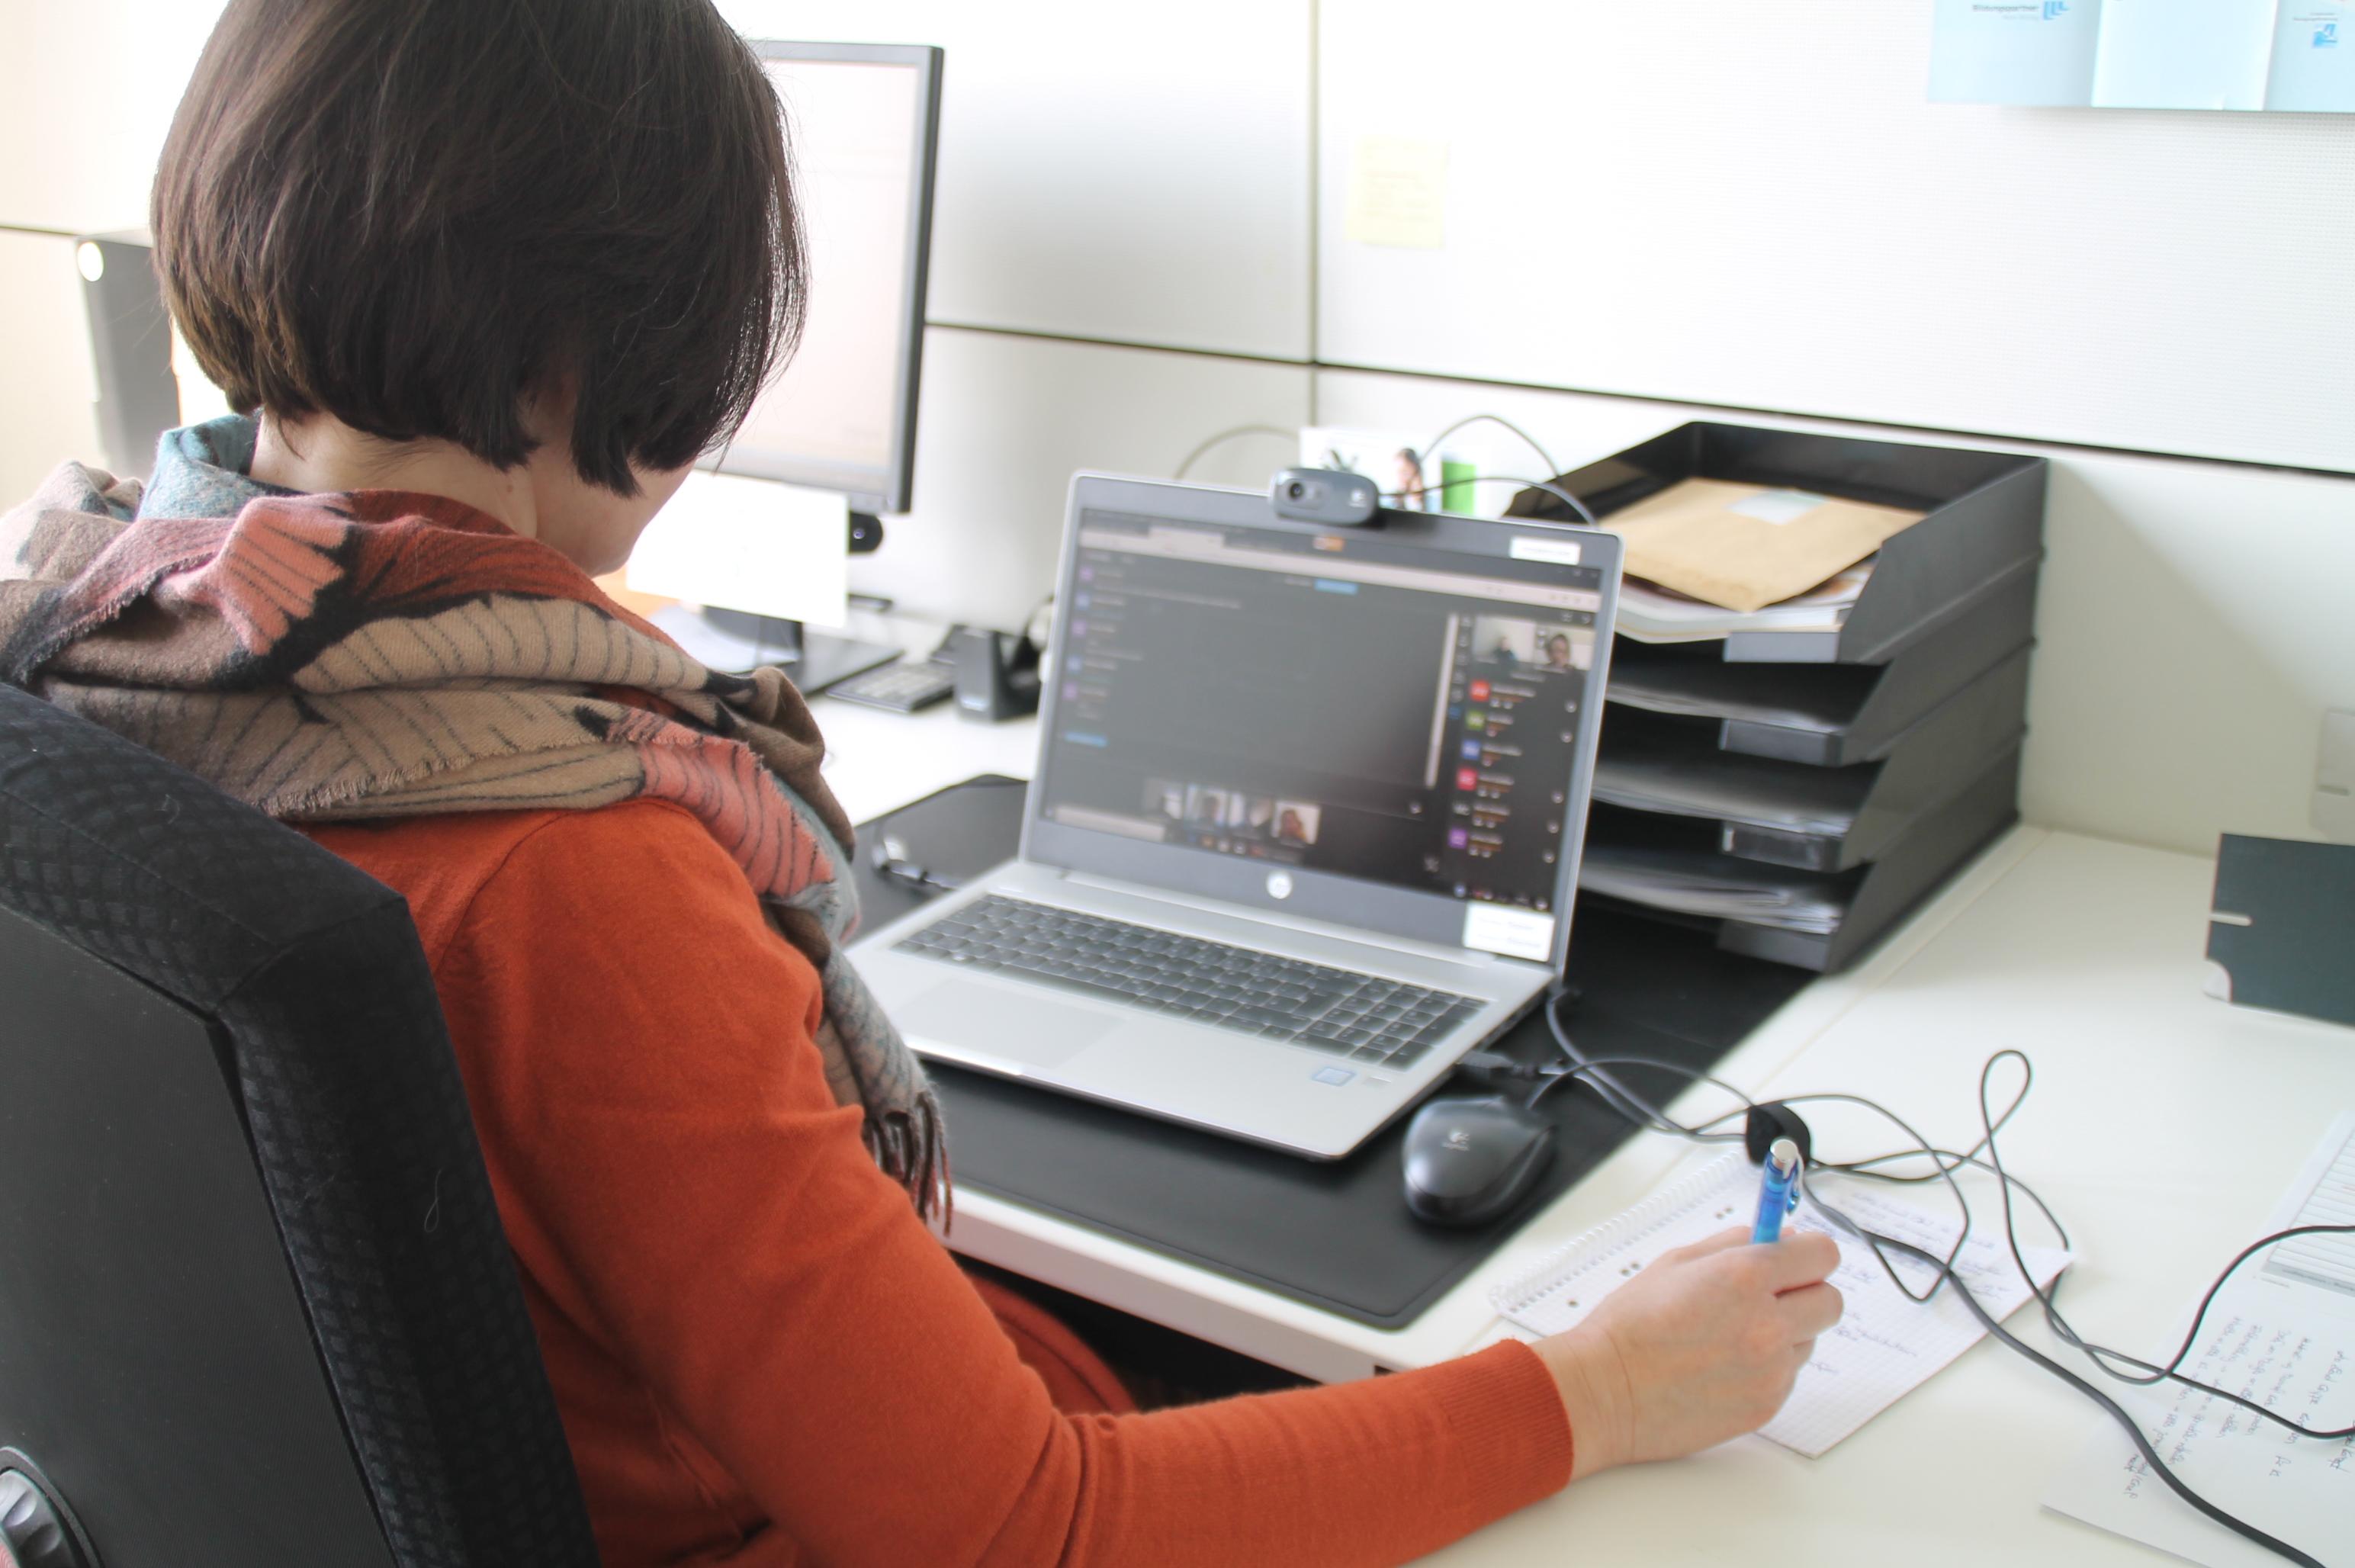 Das vhs-Team stellt in regelmäßigen Videokonferenzen ein umfangreiches Online-Programm zusammen.